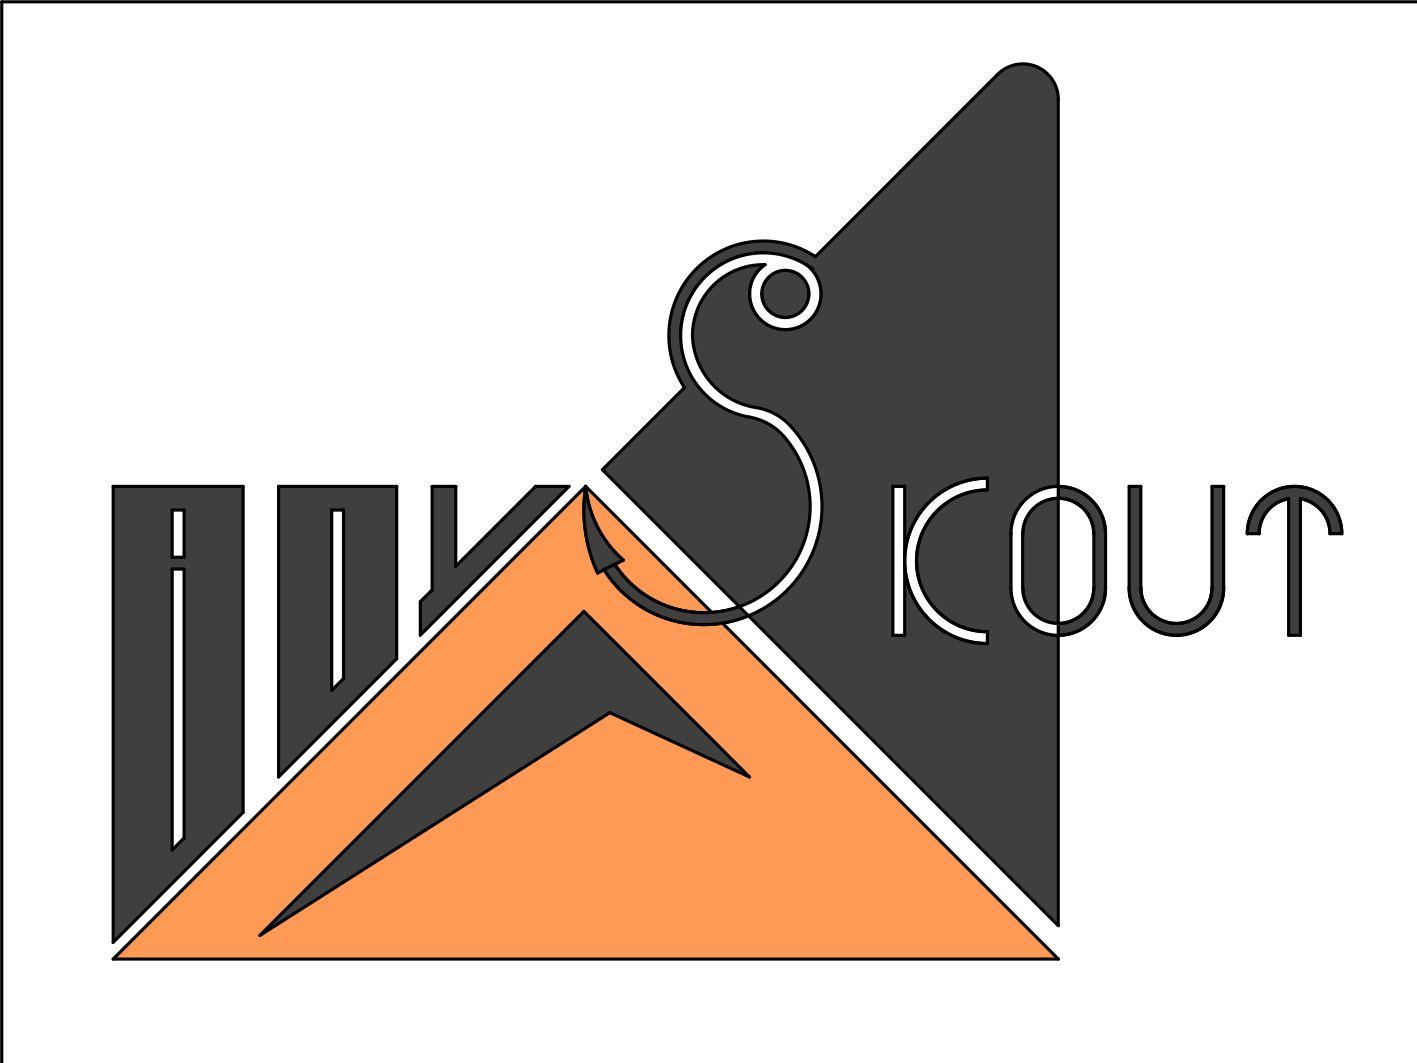 Логотип для сайта интернет-магазина BOY SCOUT - дизайнер Alex_Pro